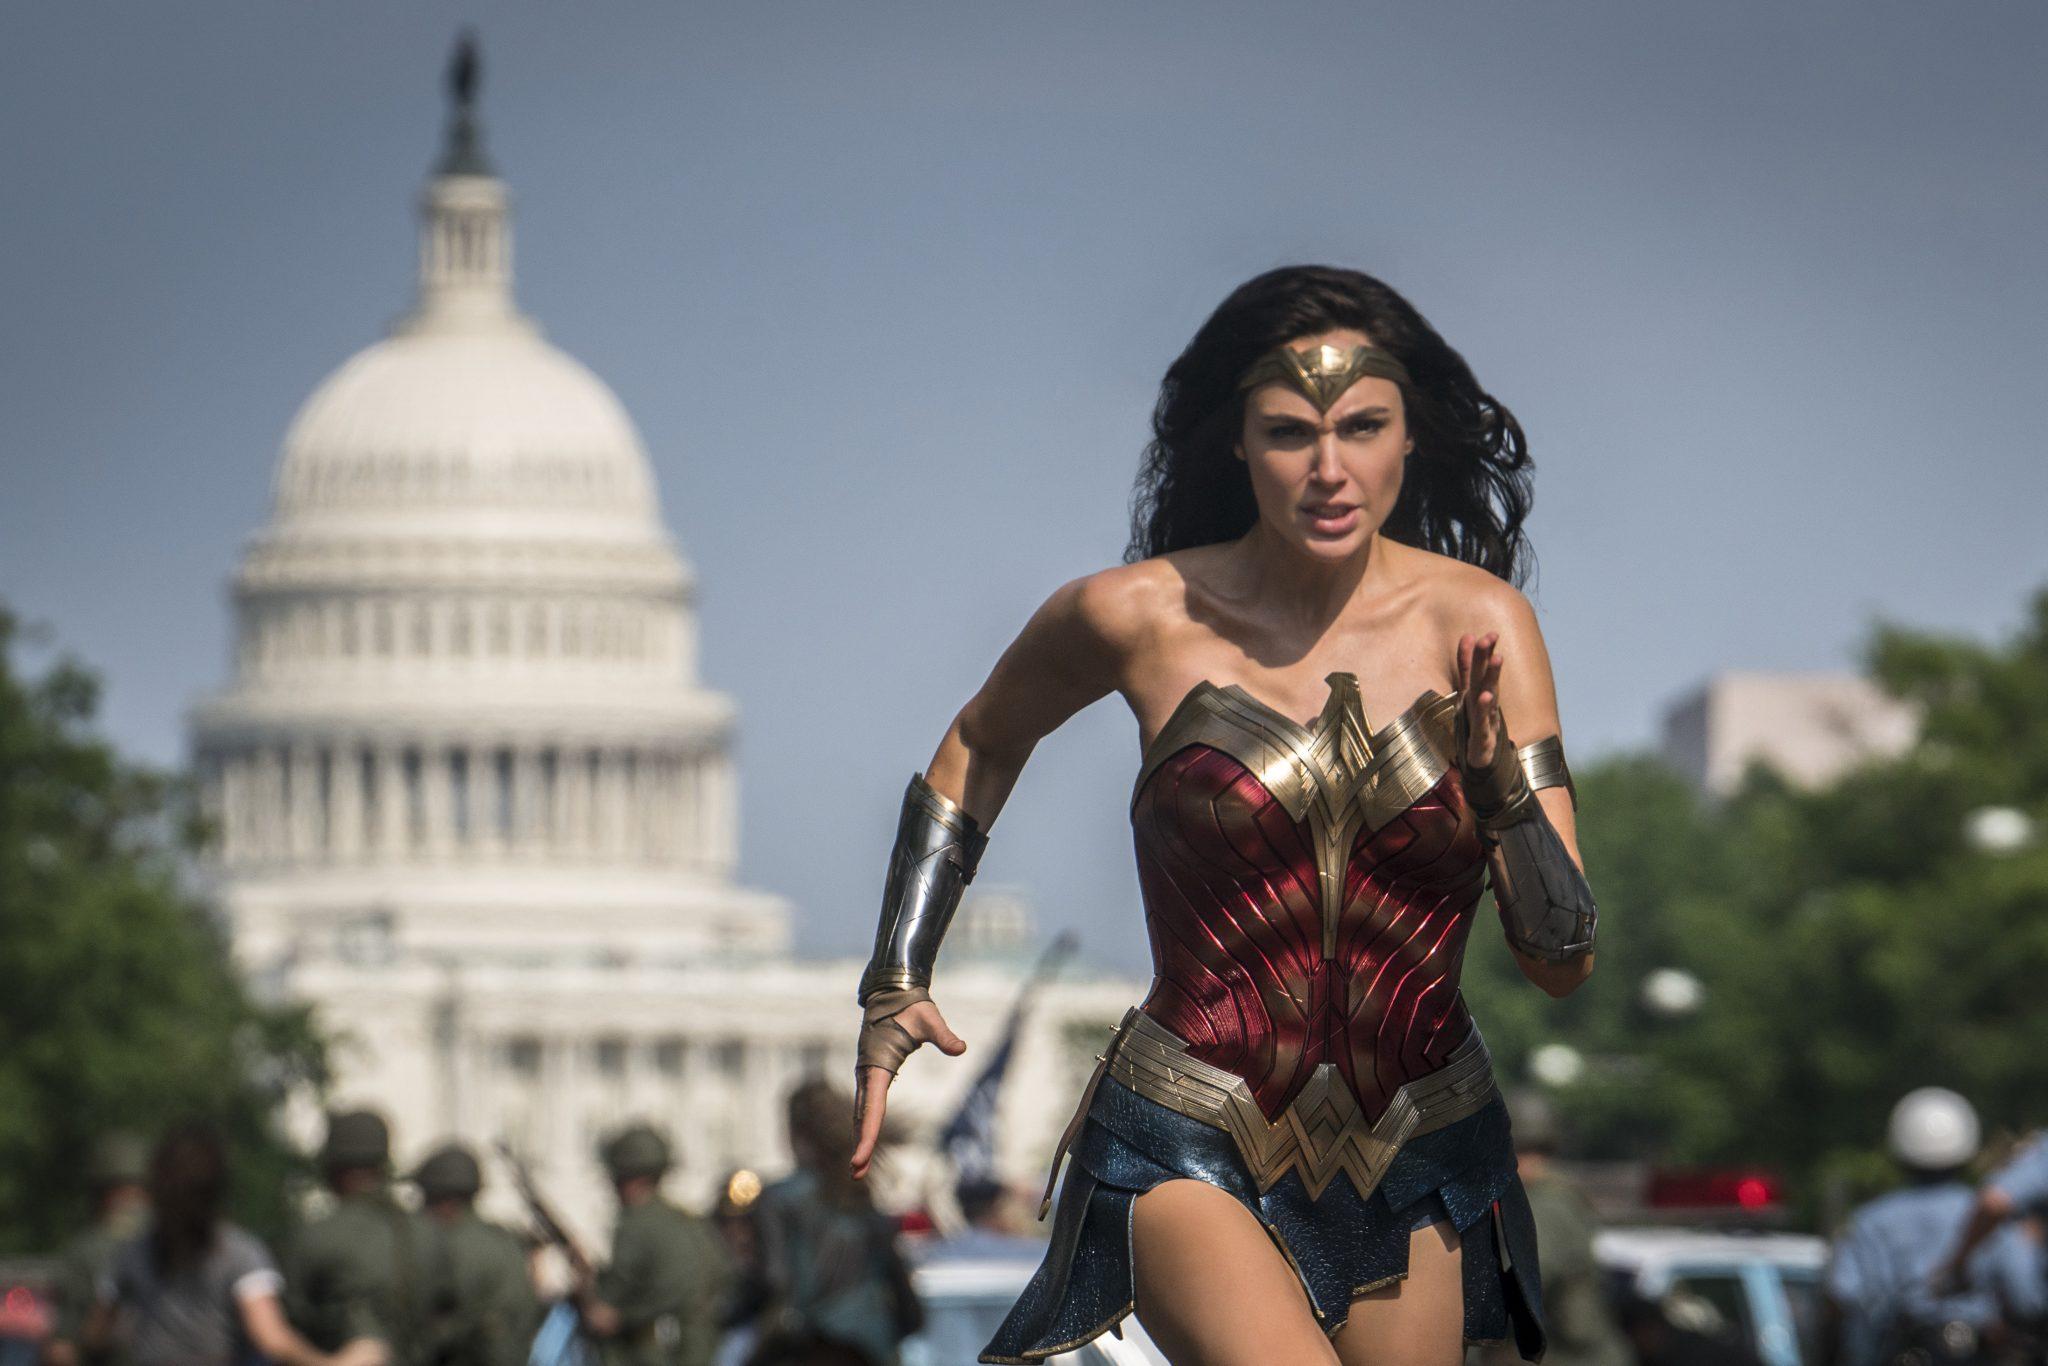 """Szene aus dem neuen """"Wonder Woman"""" Film: So schlank ist sie nicht mehr überall zu sehen Foto: picture alliance / AP Photo"""